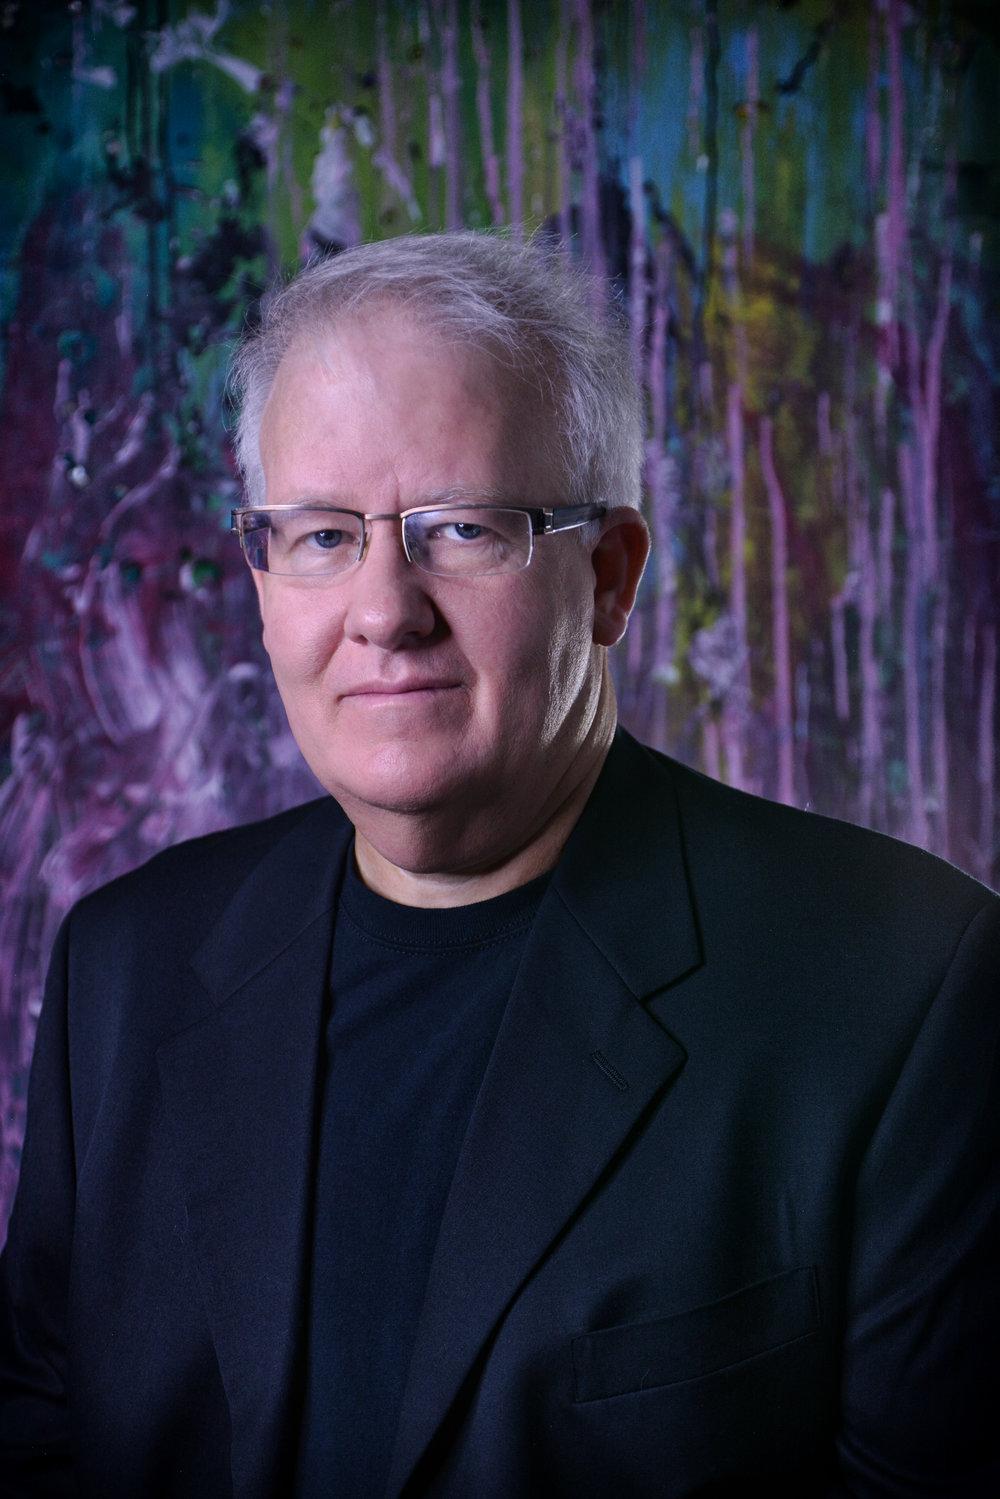 Brian Demint